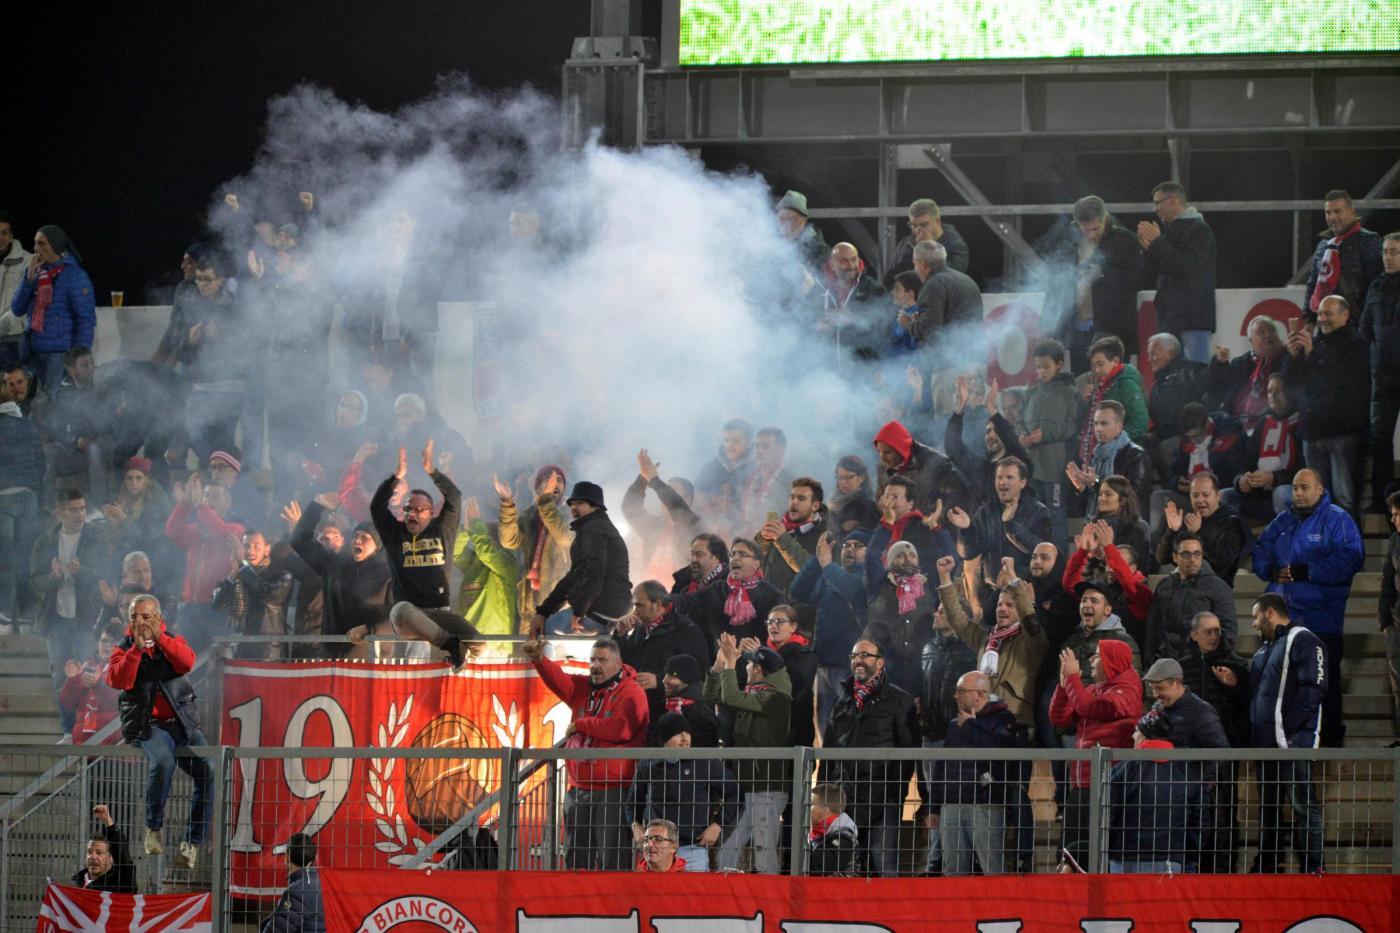 Serie C, Teramo-Renate sabato 1 dicembre: analisi e pronostico della 14ma giornata della terza divisione italiana